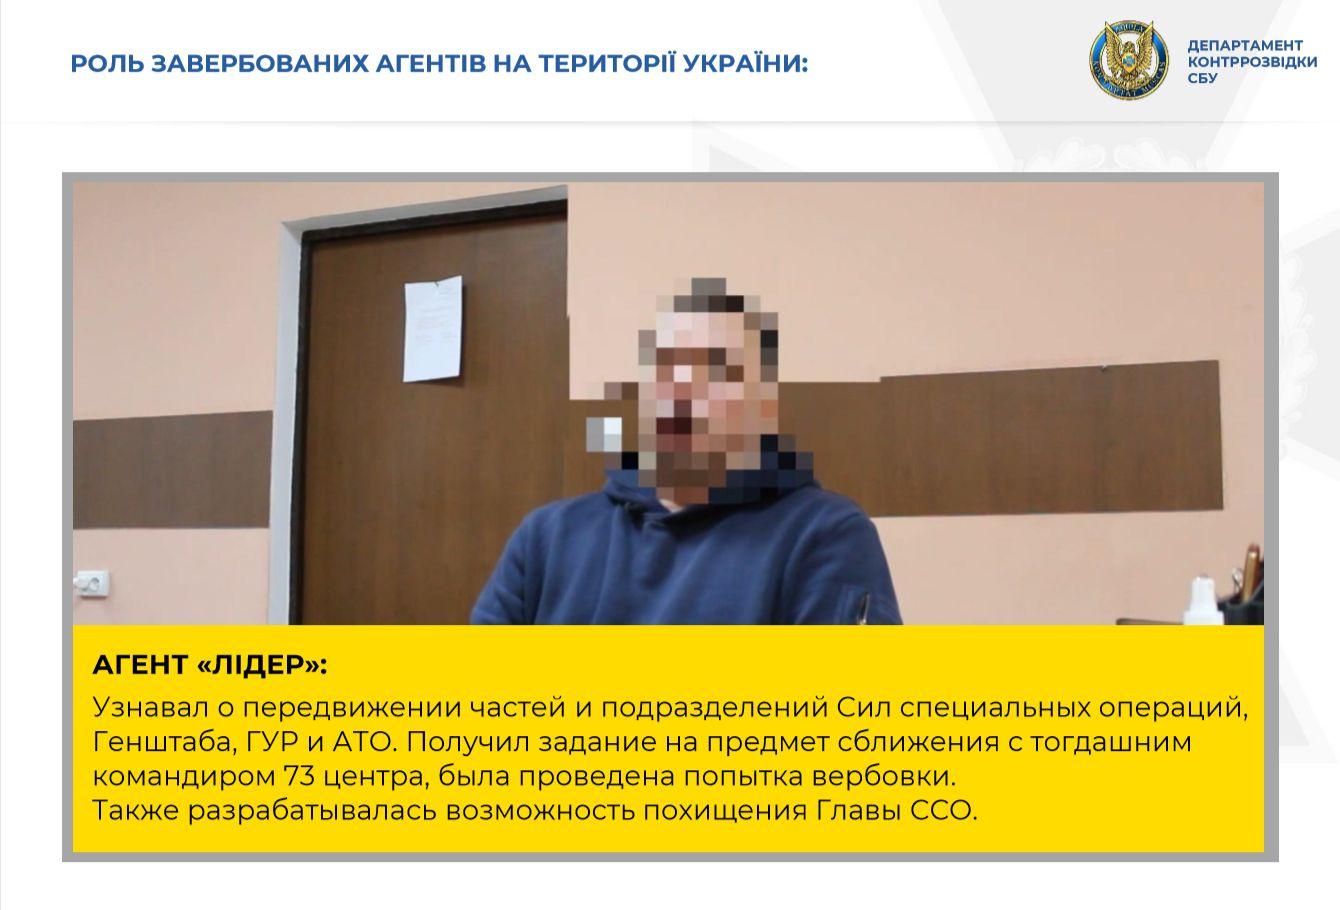 FSB-agenter samlede information om de ukrainske væbnede styrker